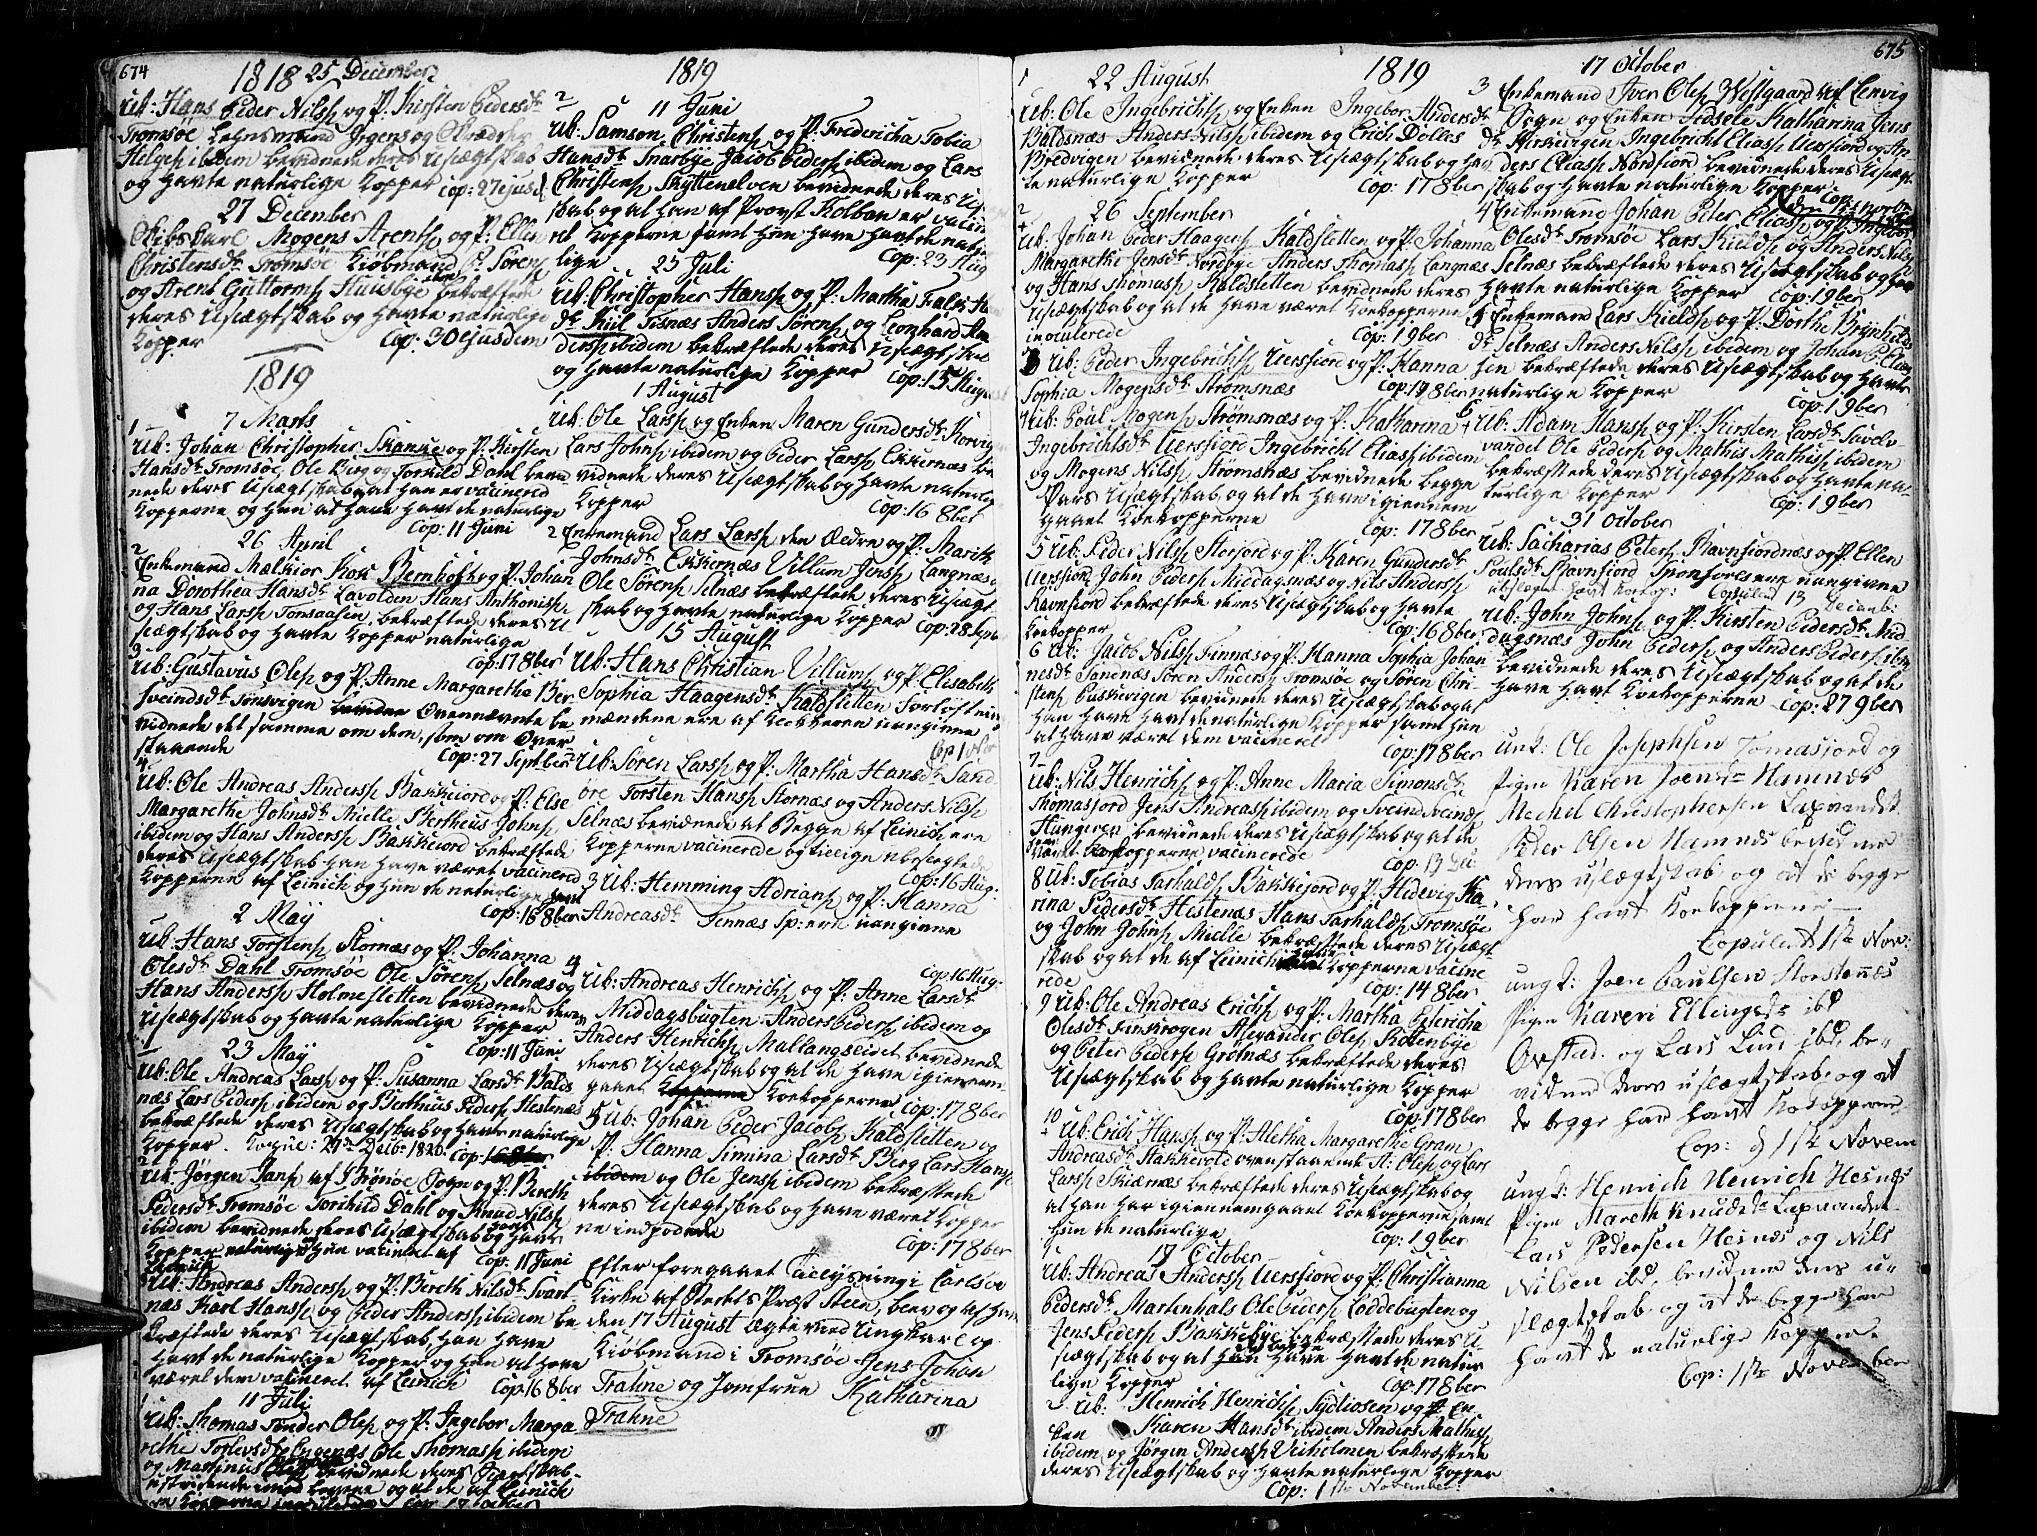 SATØ, Tromsø sokneprestkontor/stiftsprosti/domprosti, G/Ga/L0006kirke: Ministerialbok nr. 6, 1806-1821, s. 674-675